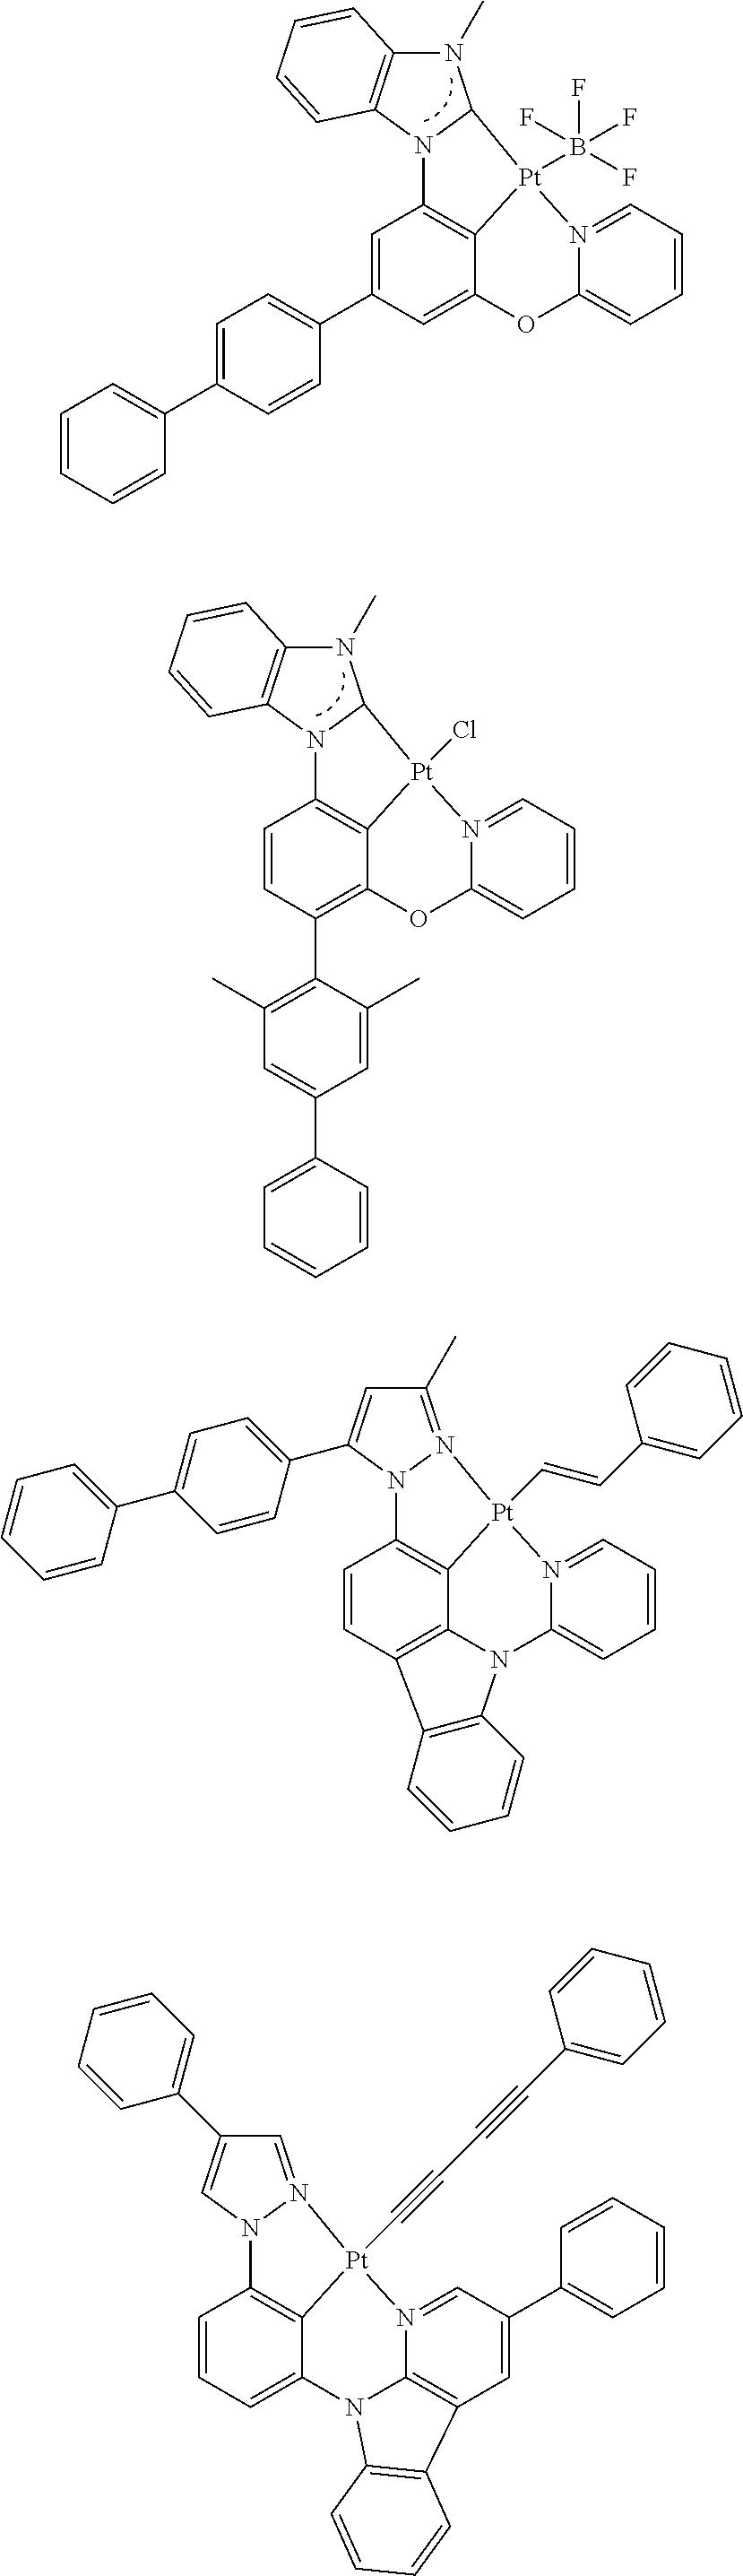 Figure US09818959-20171114-C00146